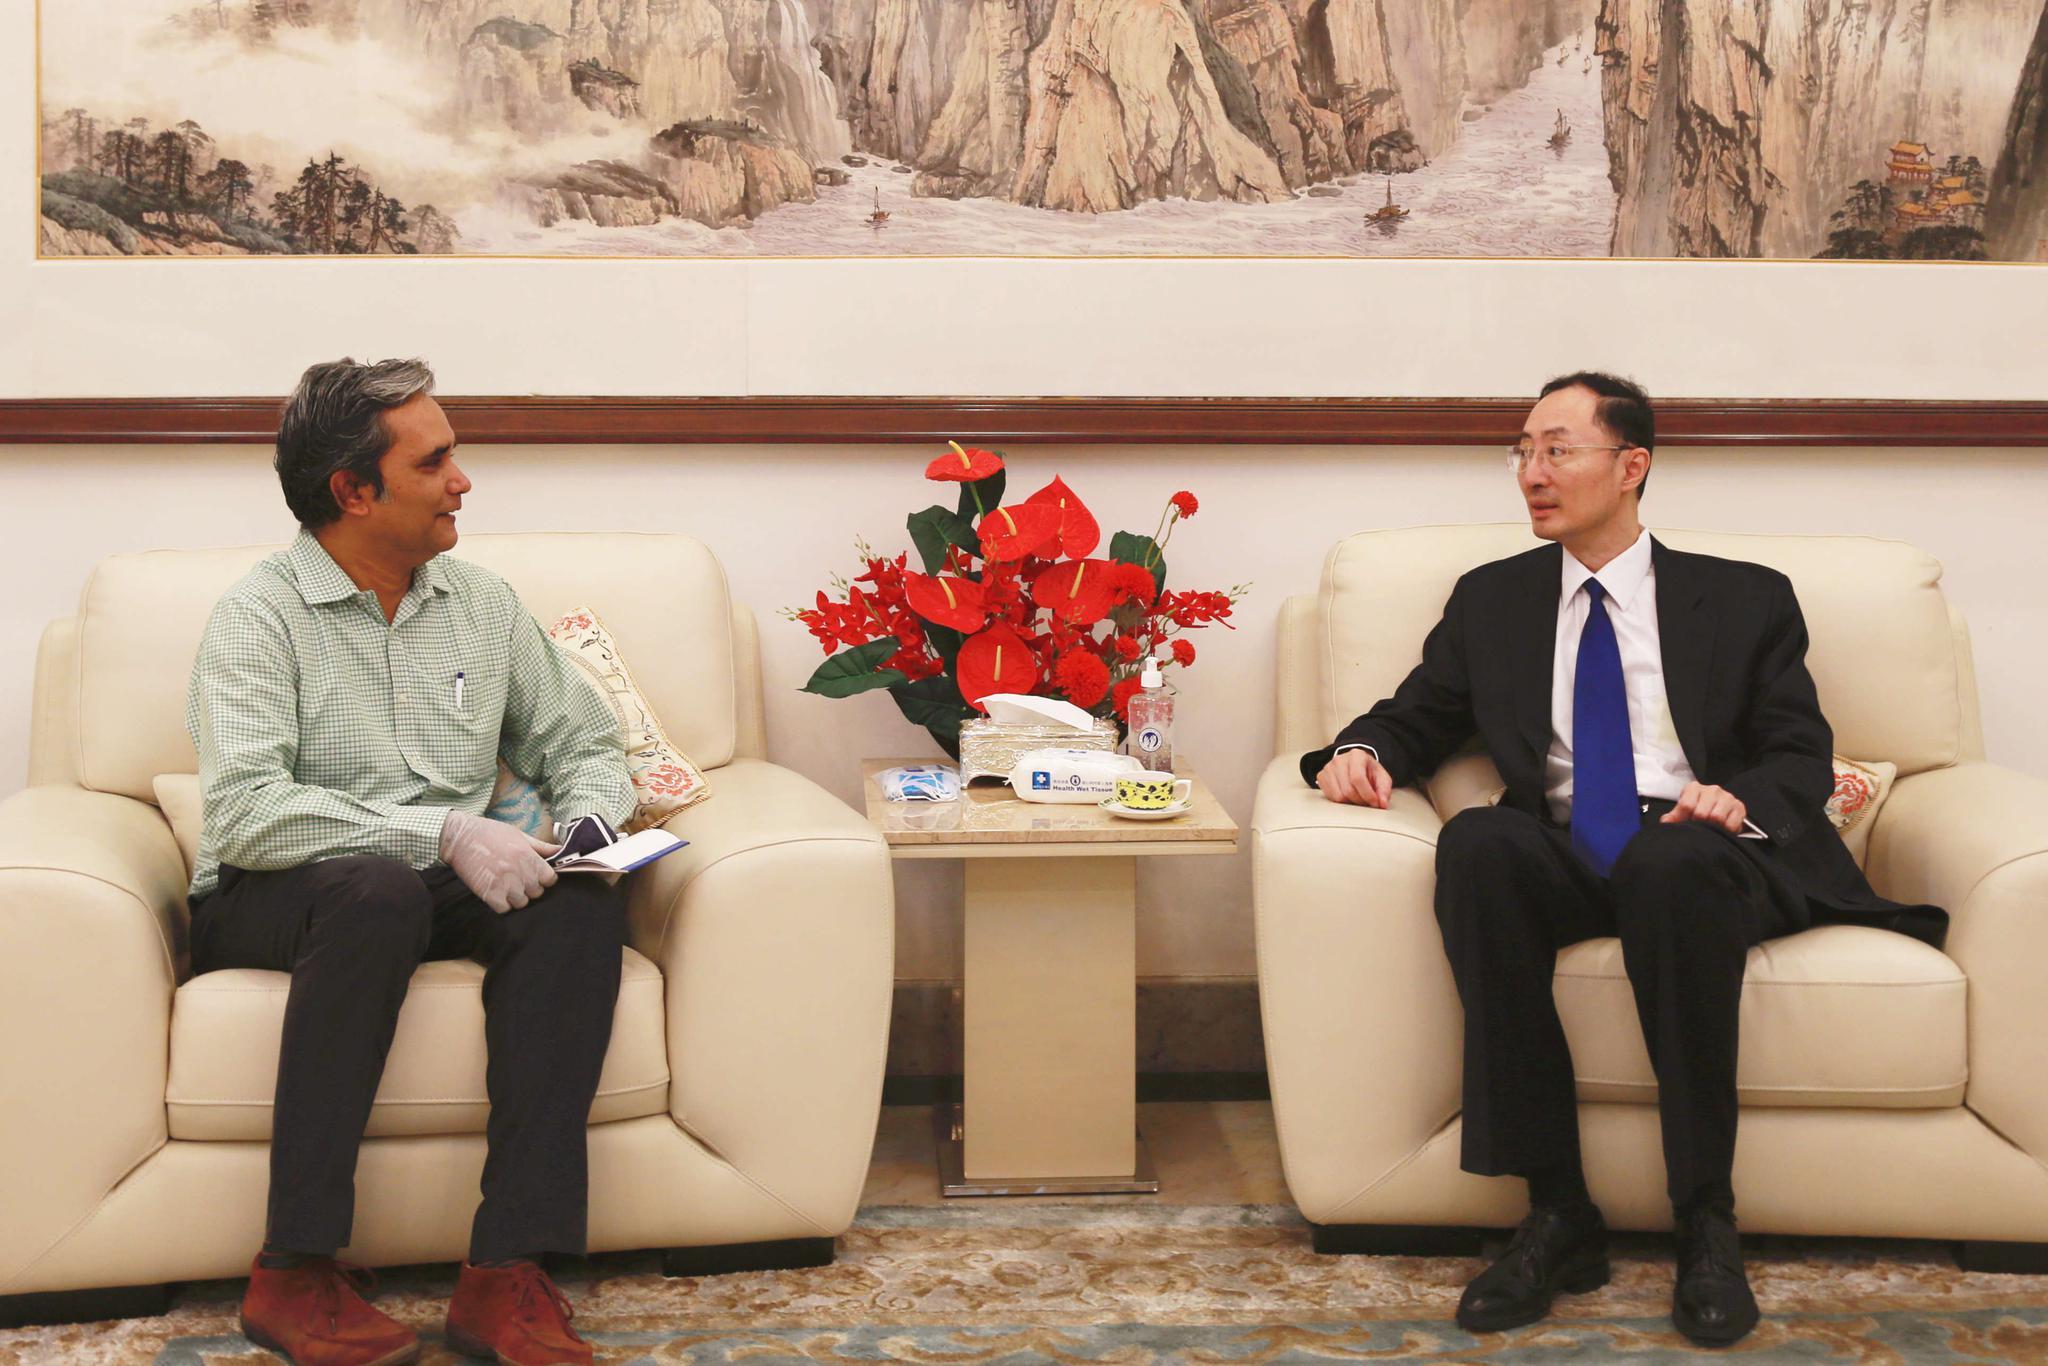 驻印度大使孙卫东接受印度报业托拉斯专访谈中印加勒万河谷事件